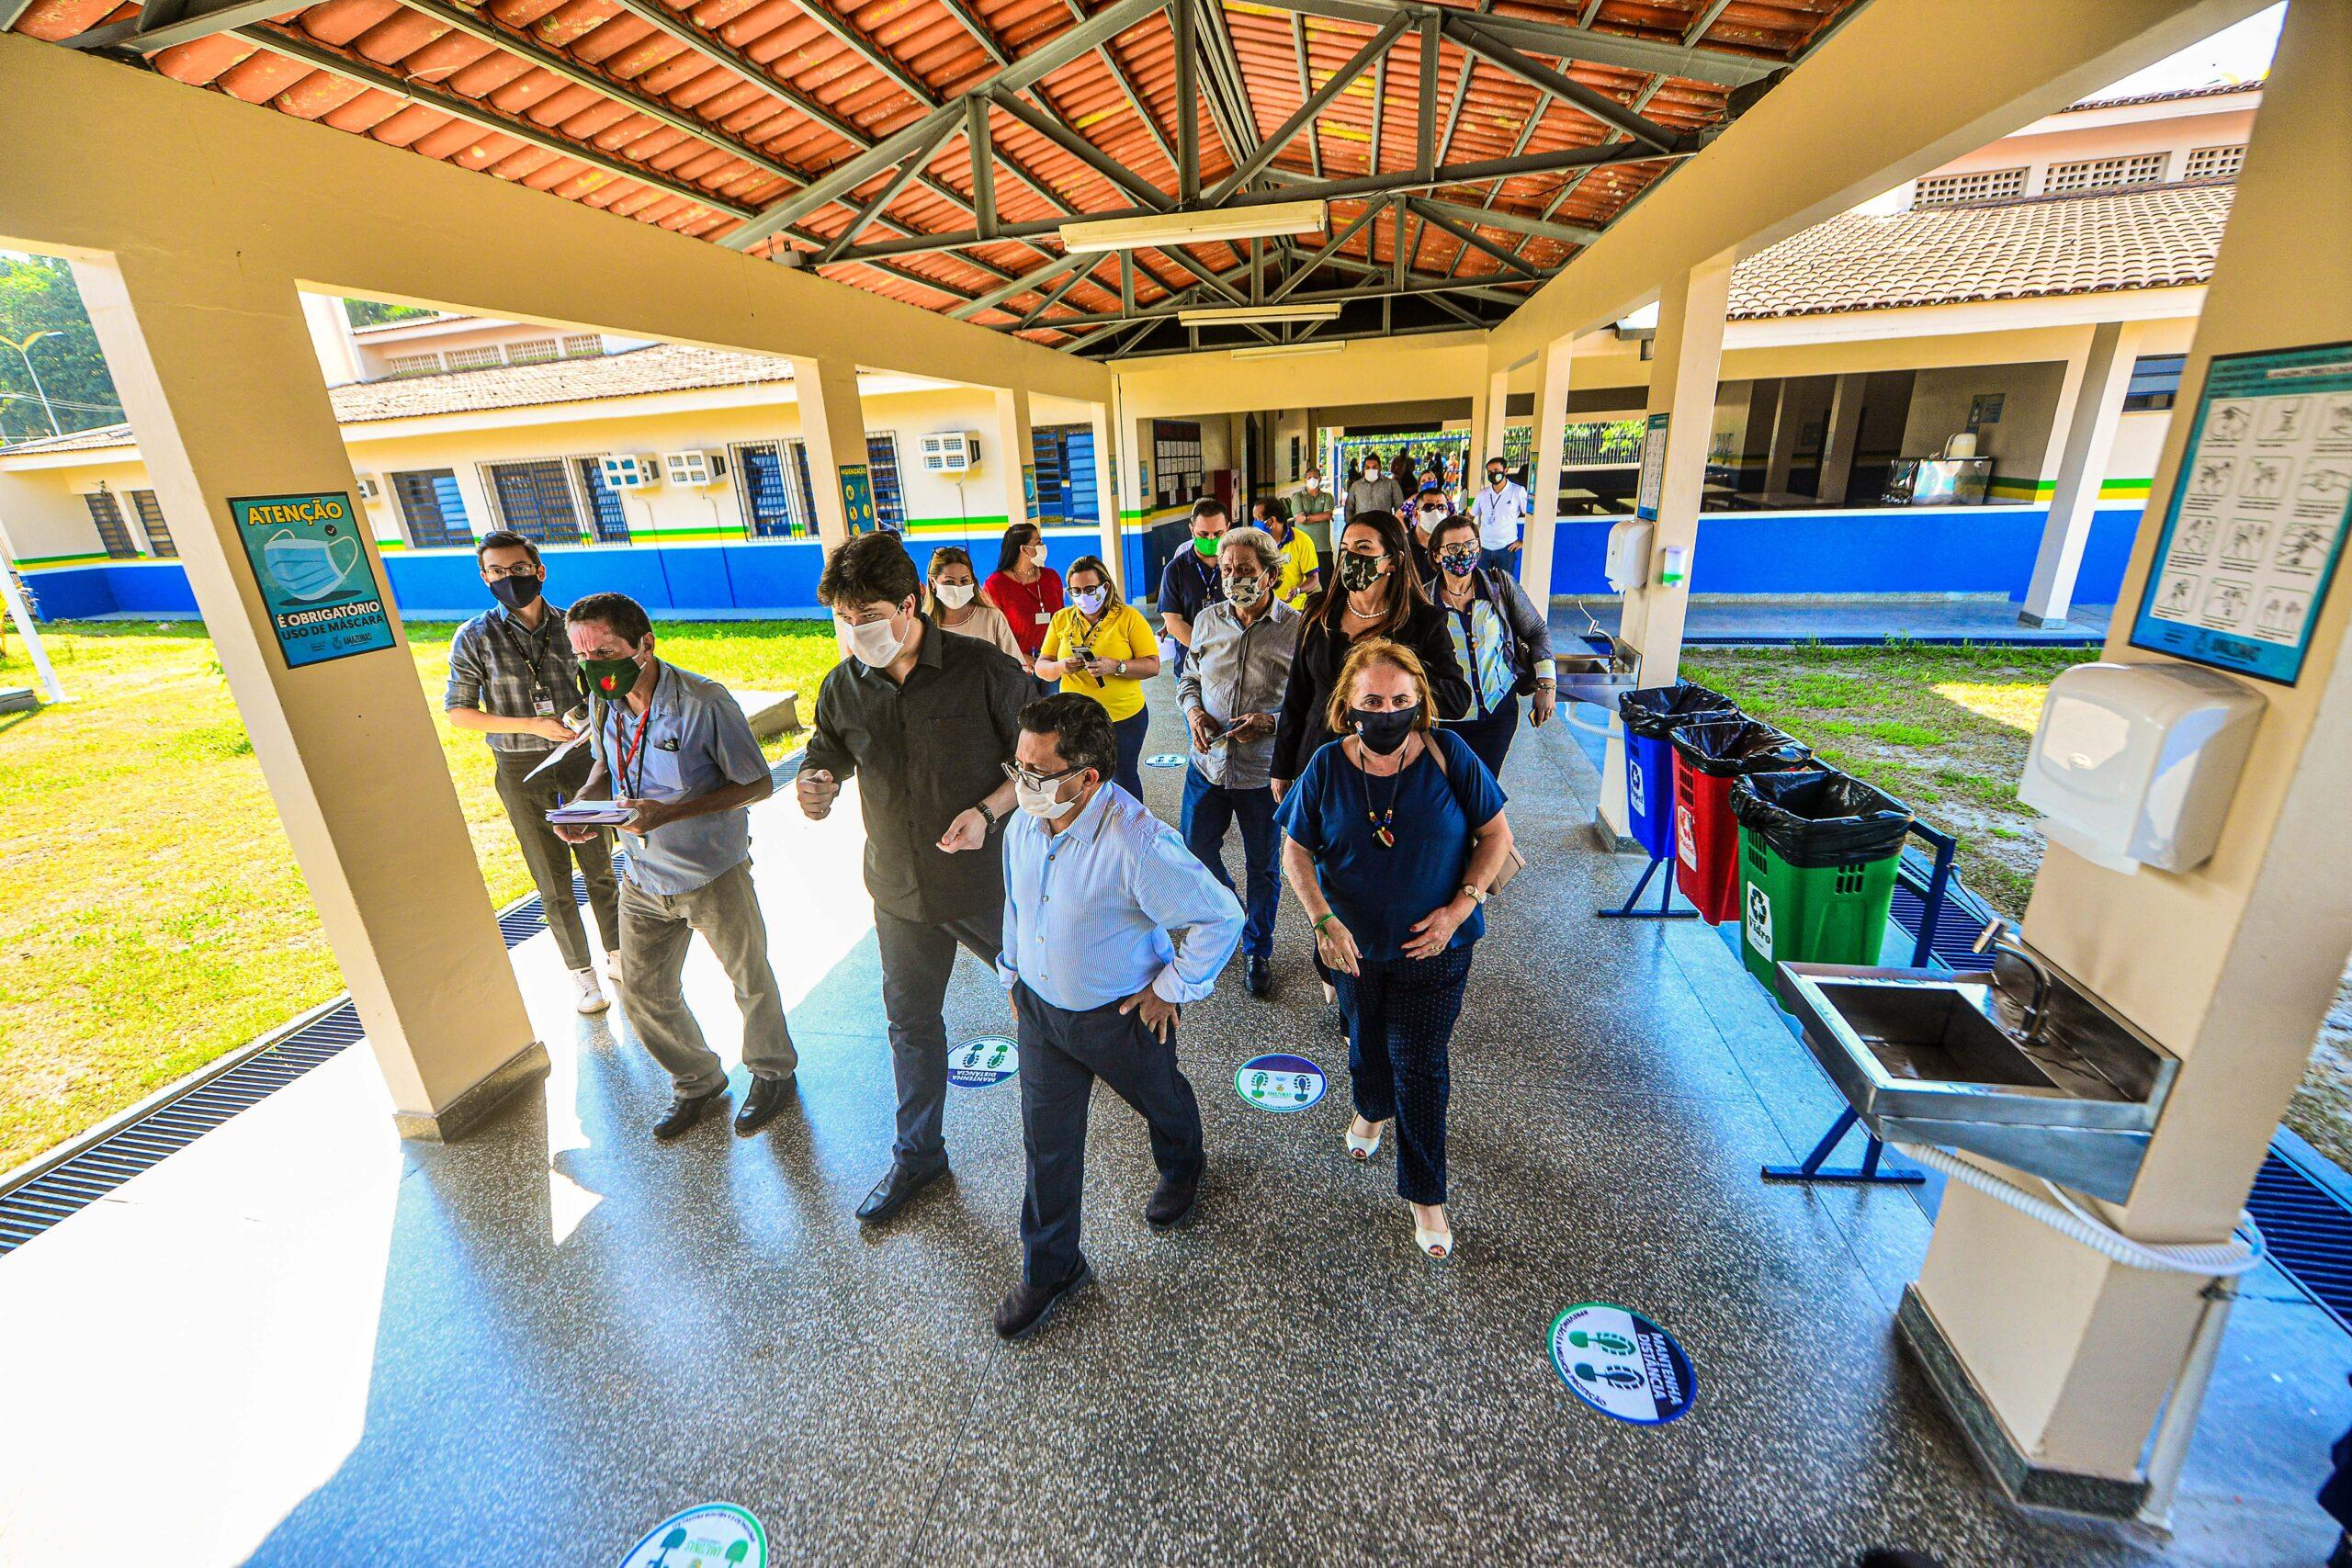 DEPUTADOS fiscalizam escolas de Manaus para retorno às aulas presenciais na segunda (10/07)